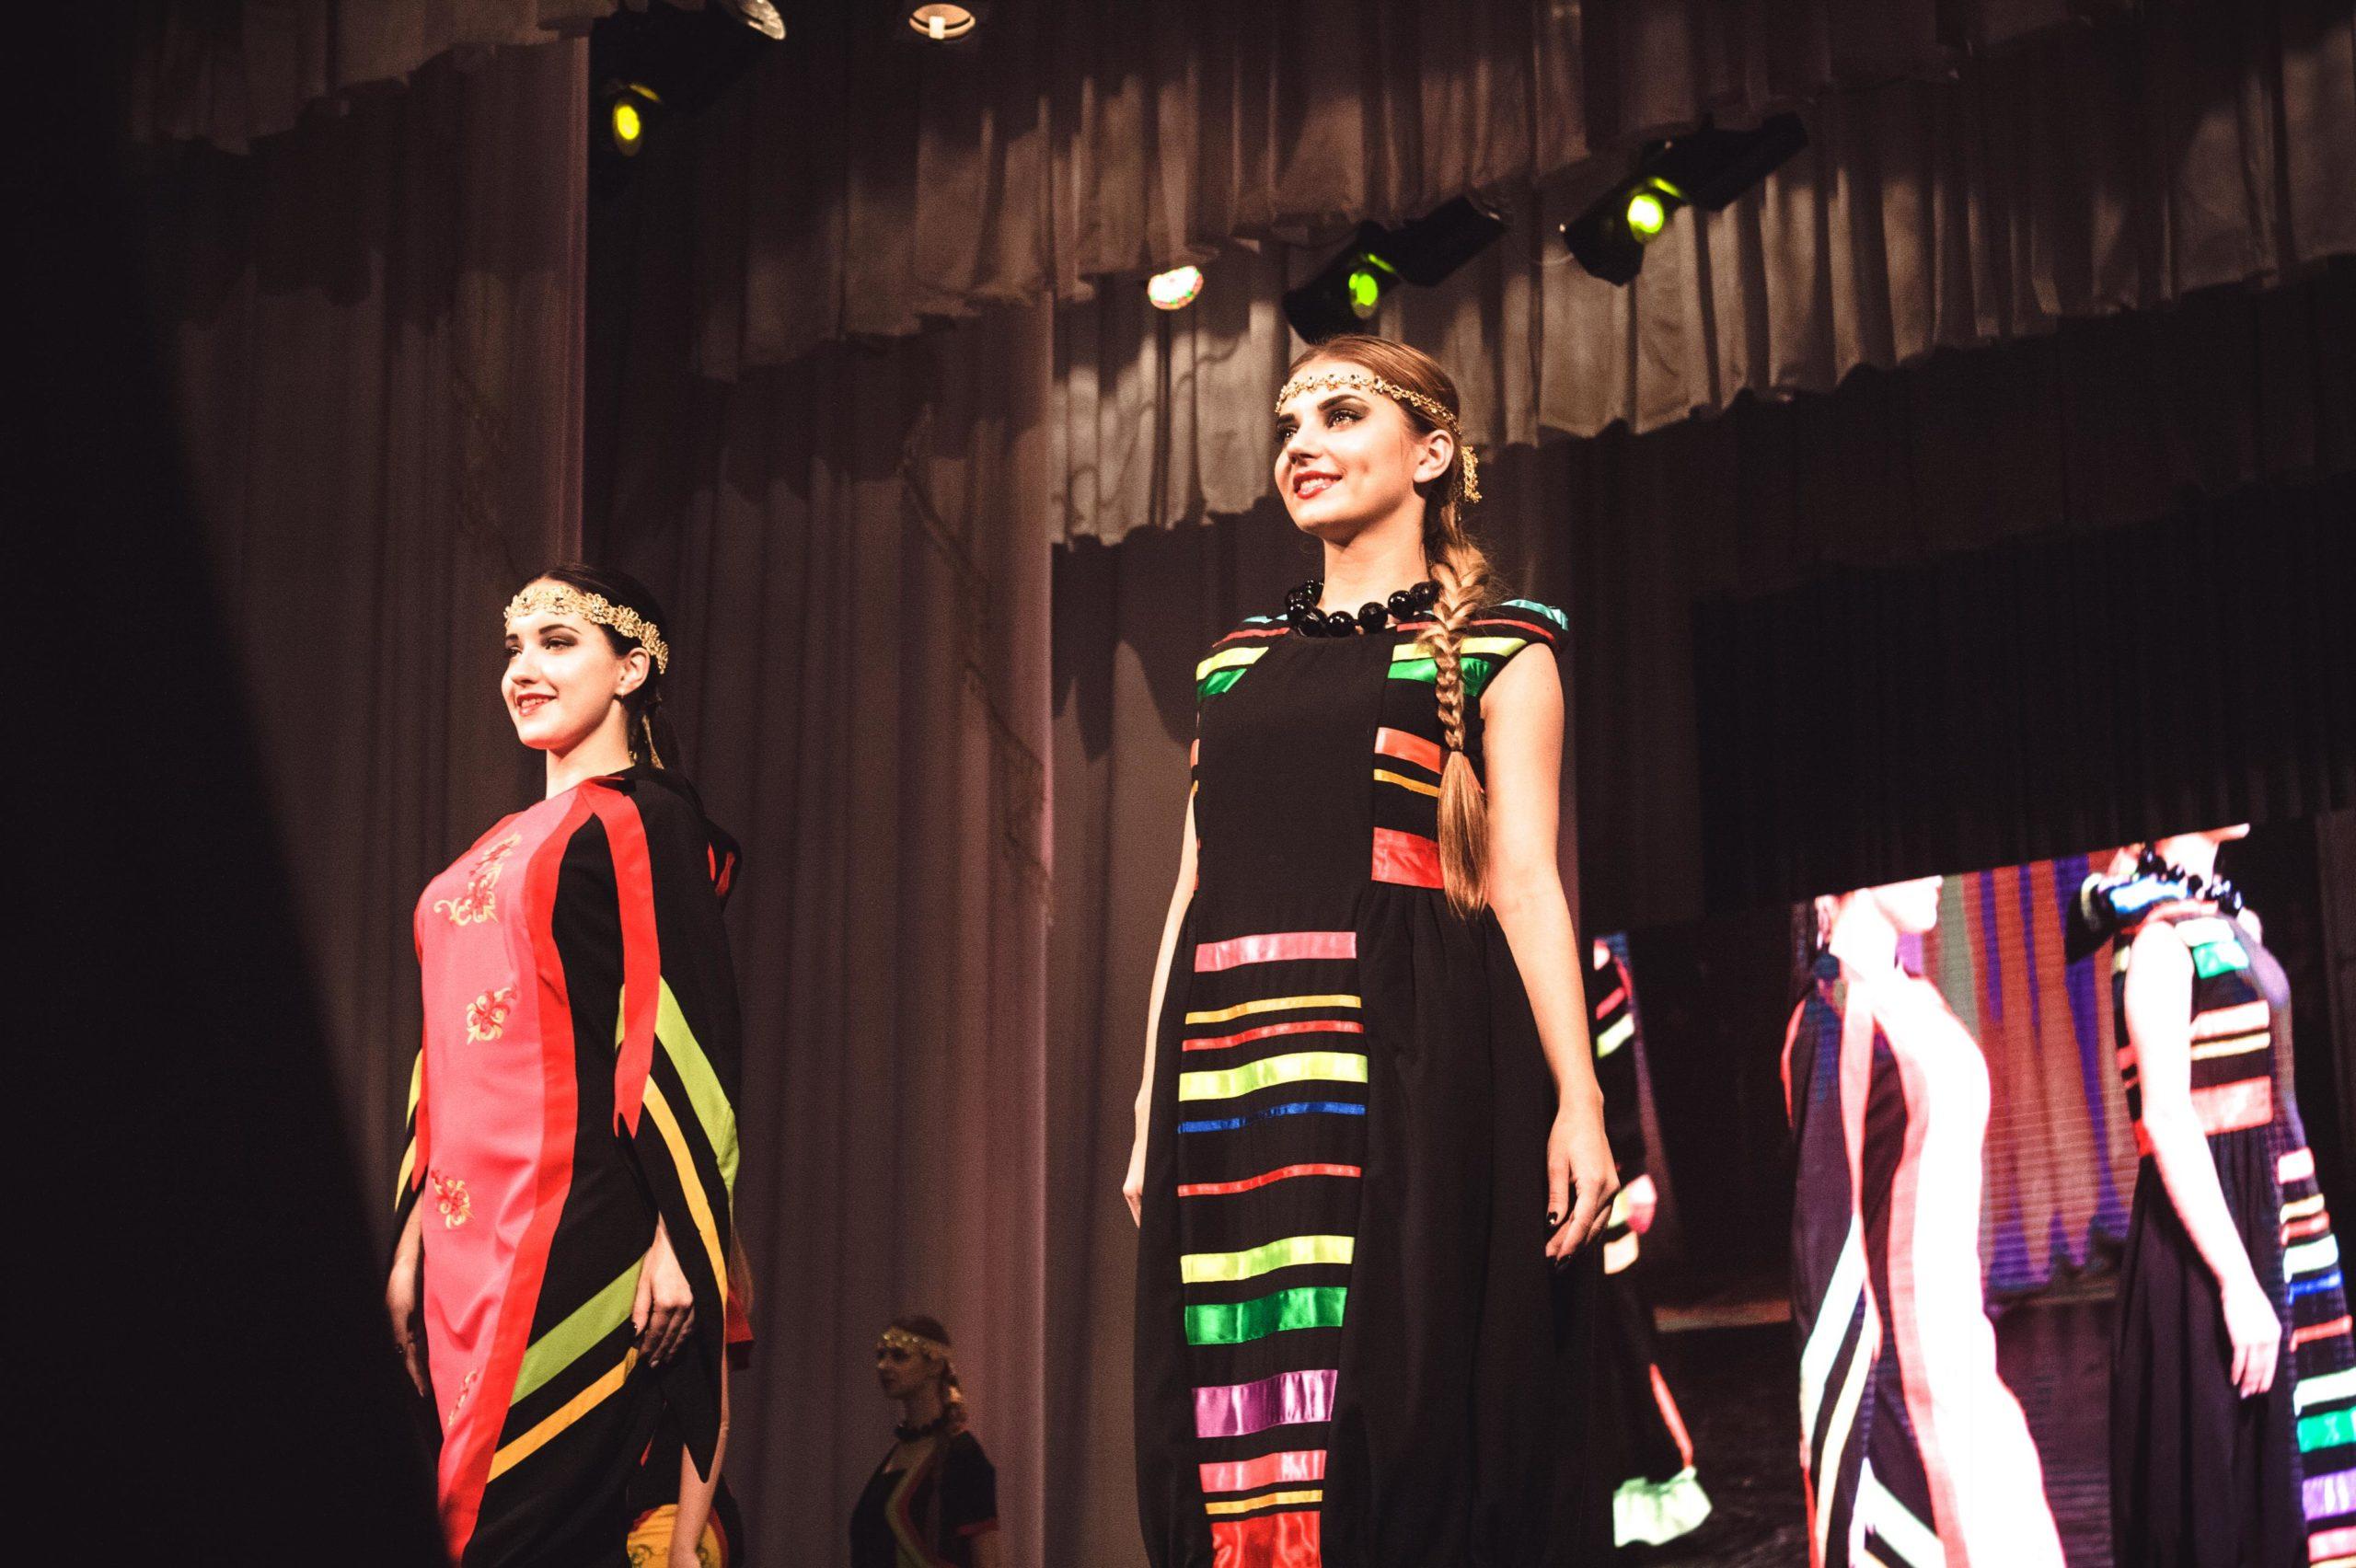 В фестивале «Этномода» примут участие дизайнеры из Латинской Америки